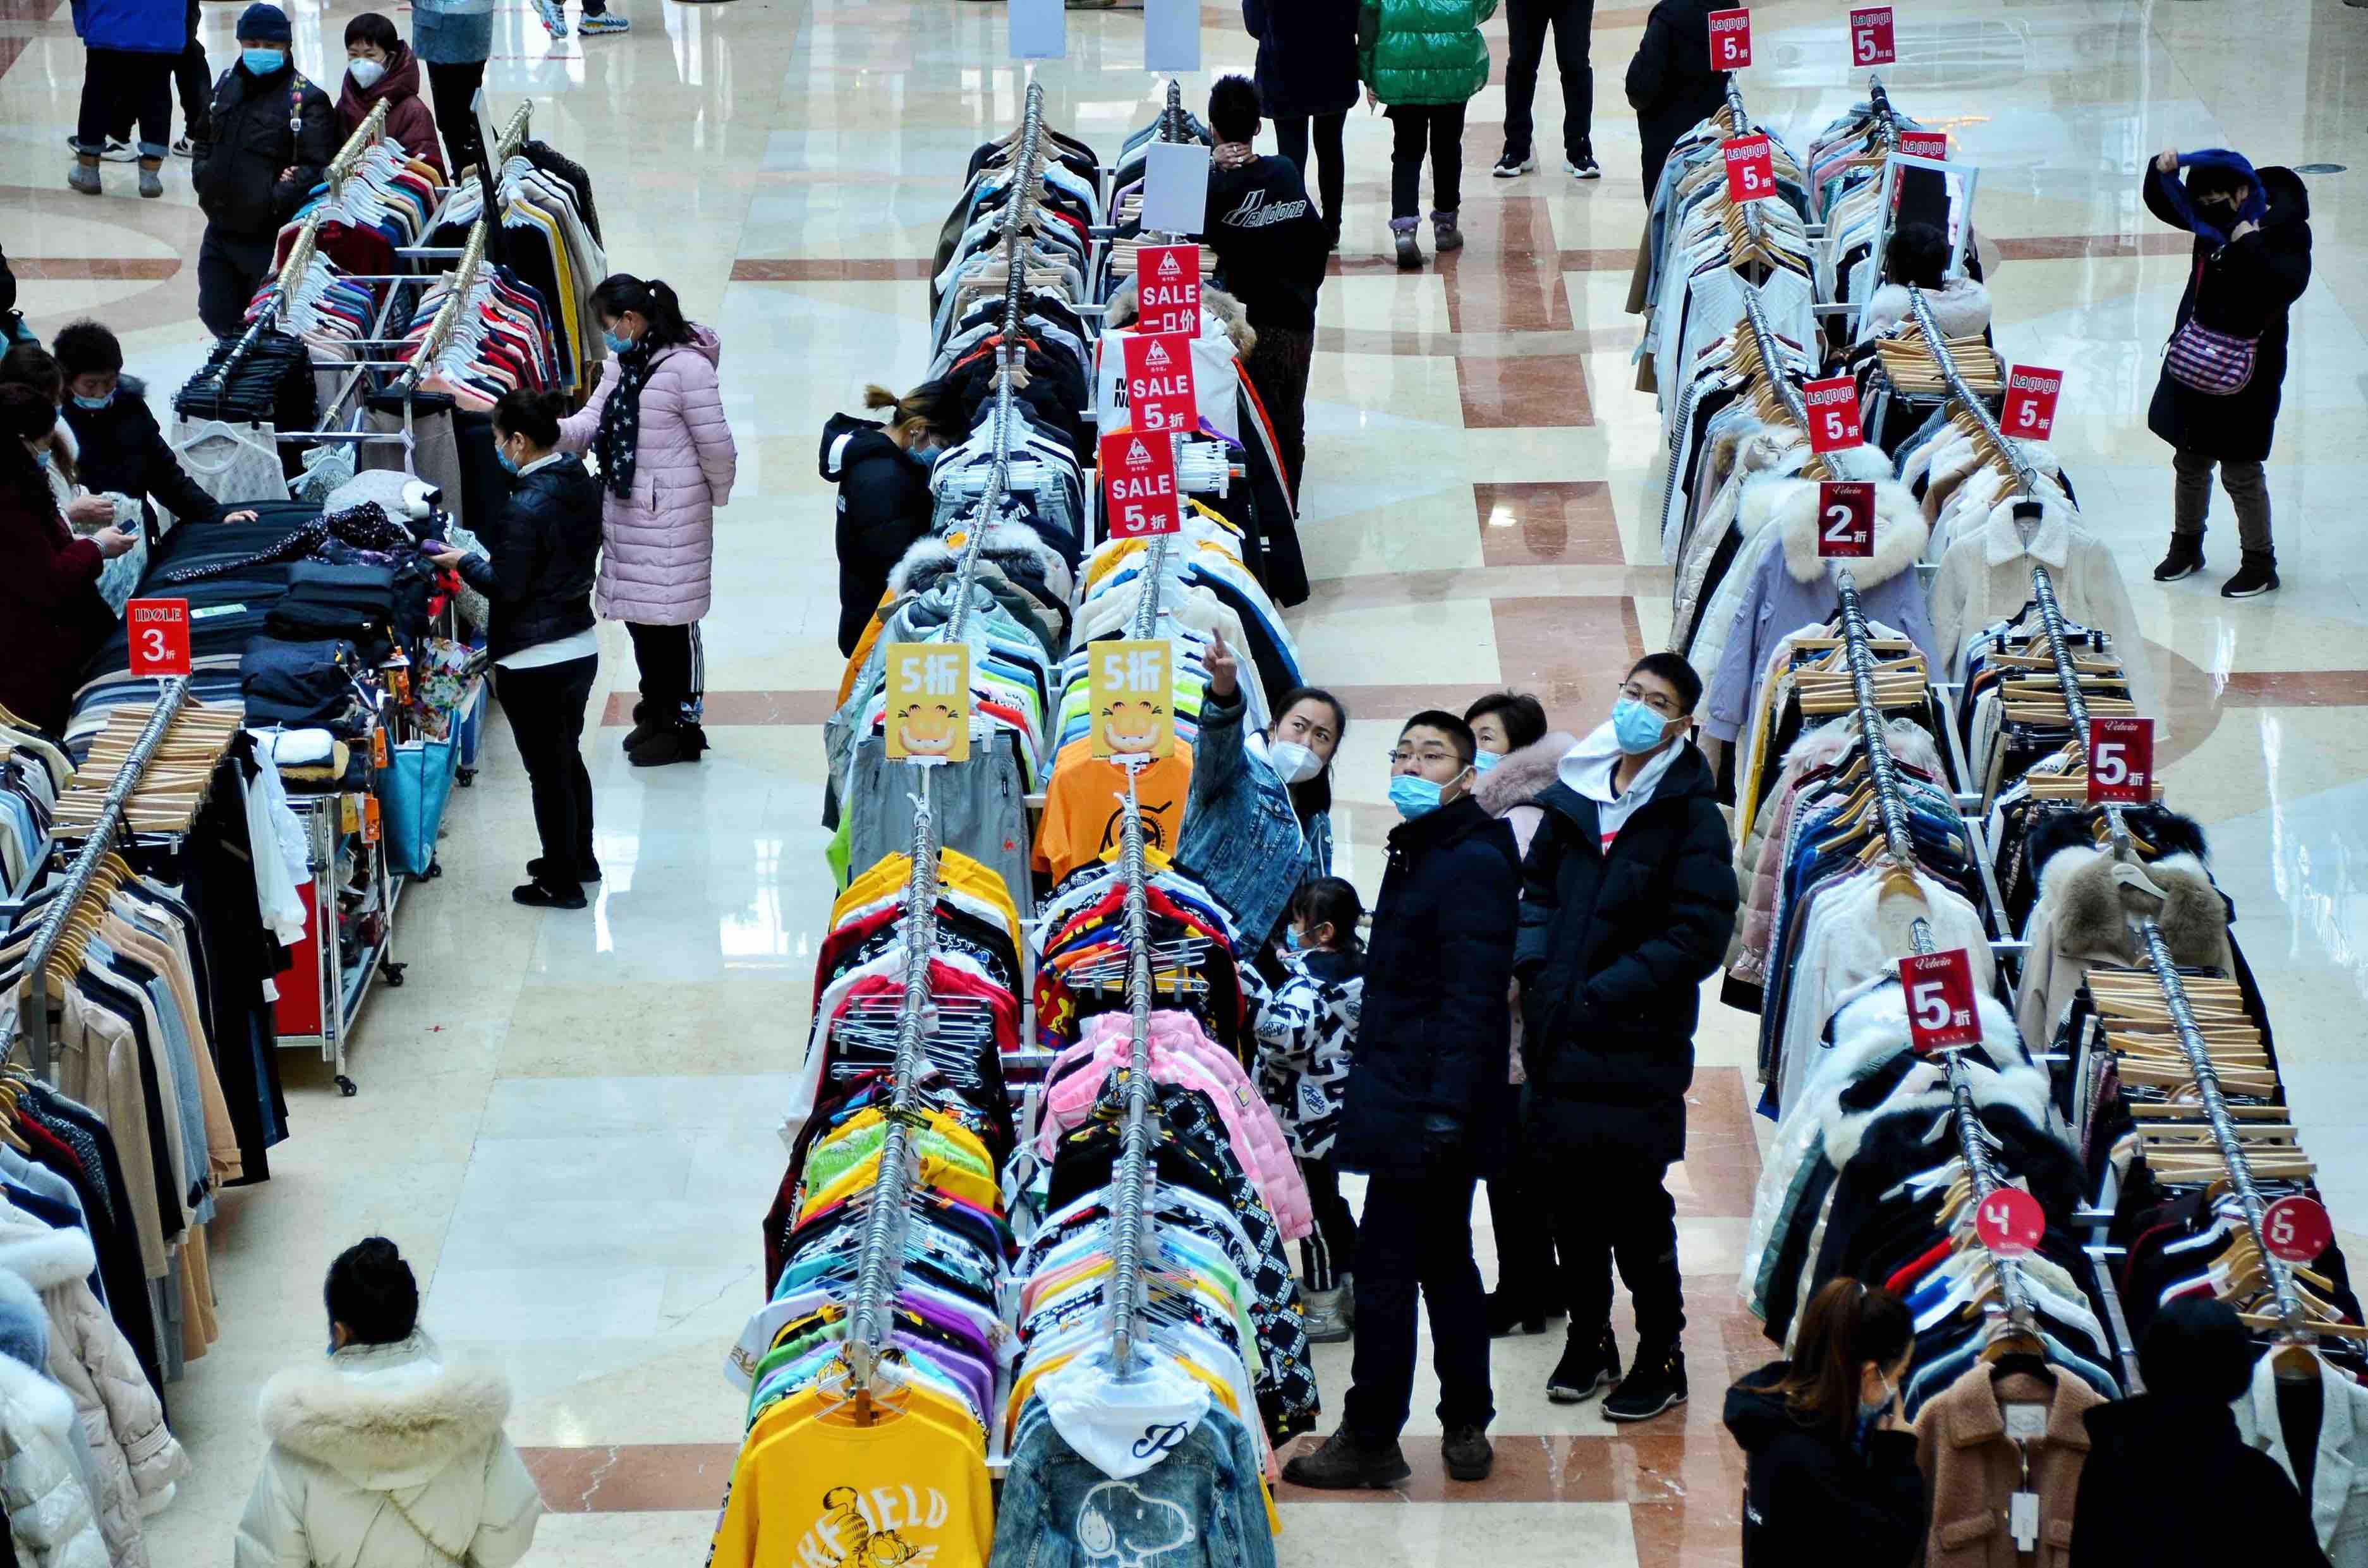 市民在购物